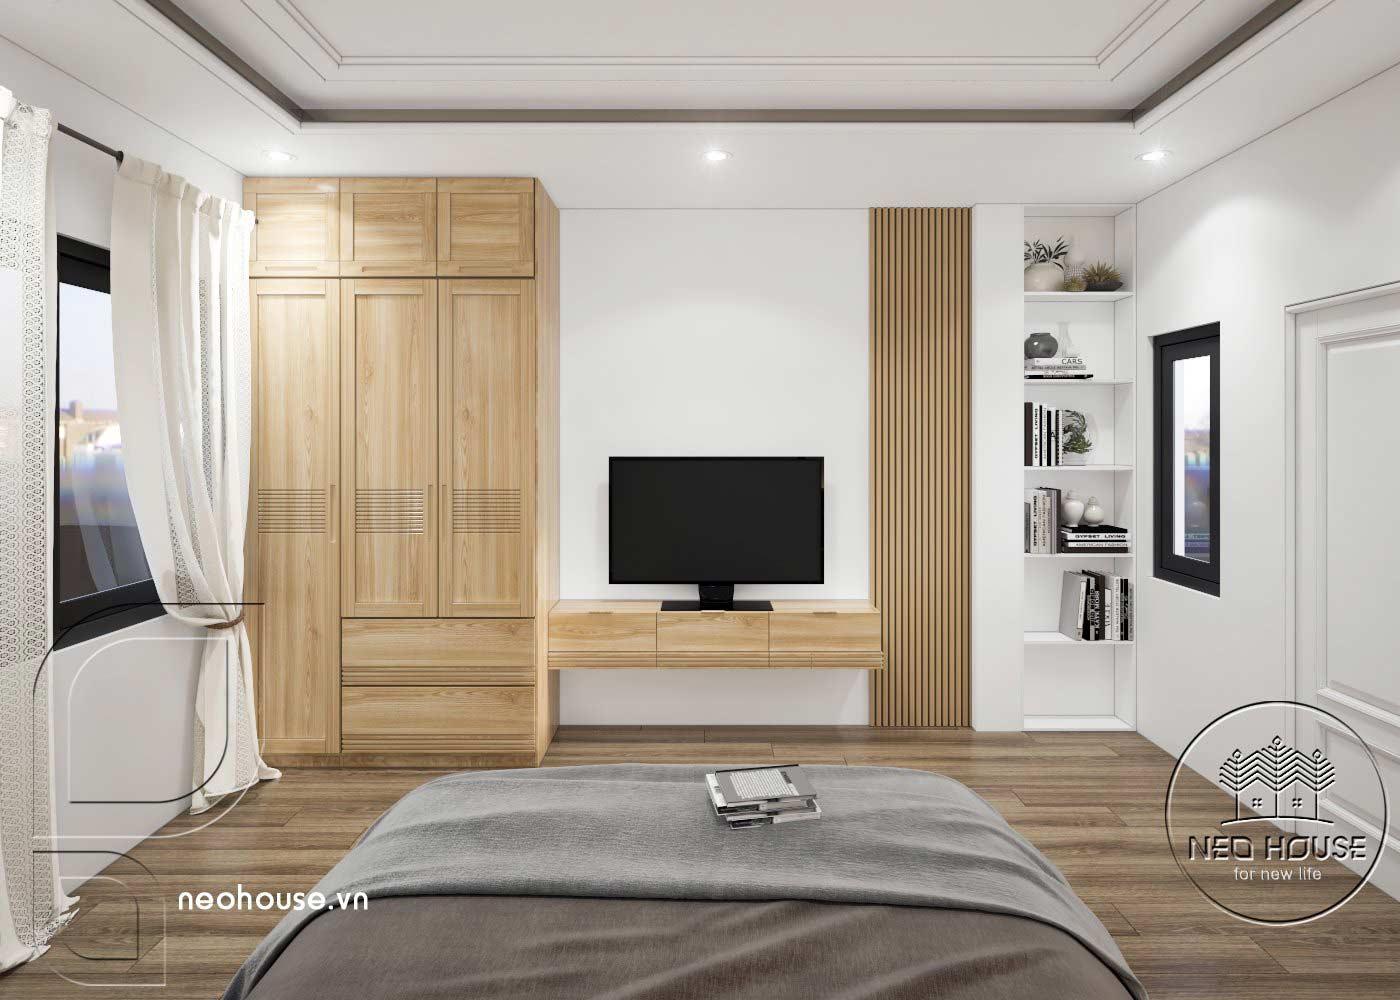 Thiết kế thi công cải tạo nhà phố 3 tầng với không gian nội thất phòng ngủ 03. Ảnh 3